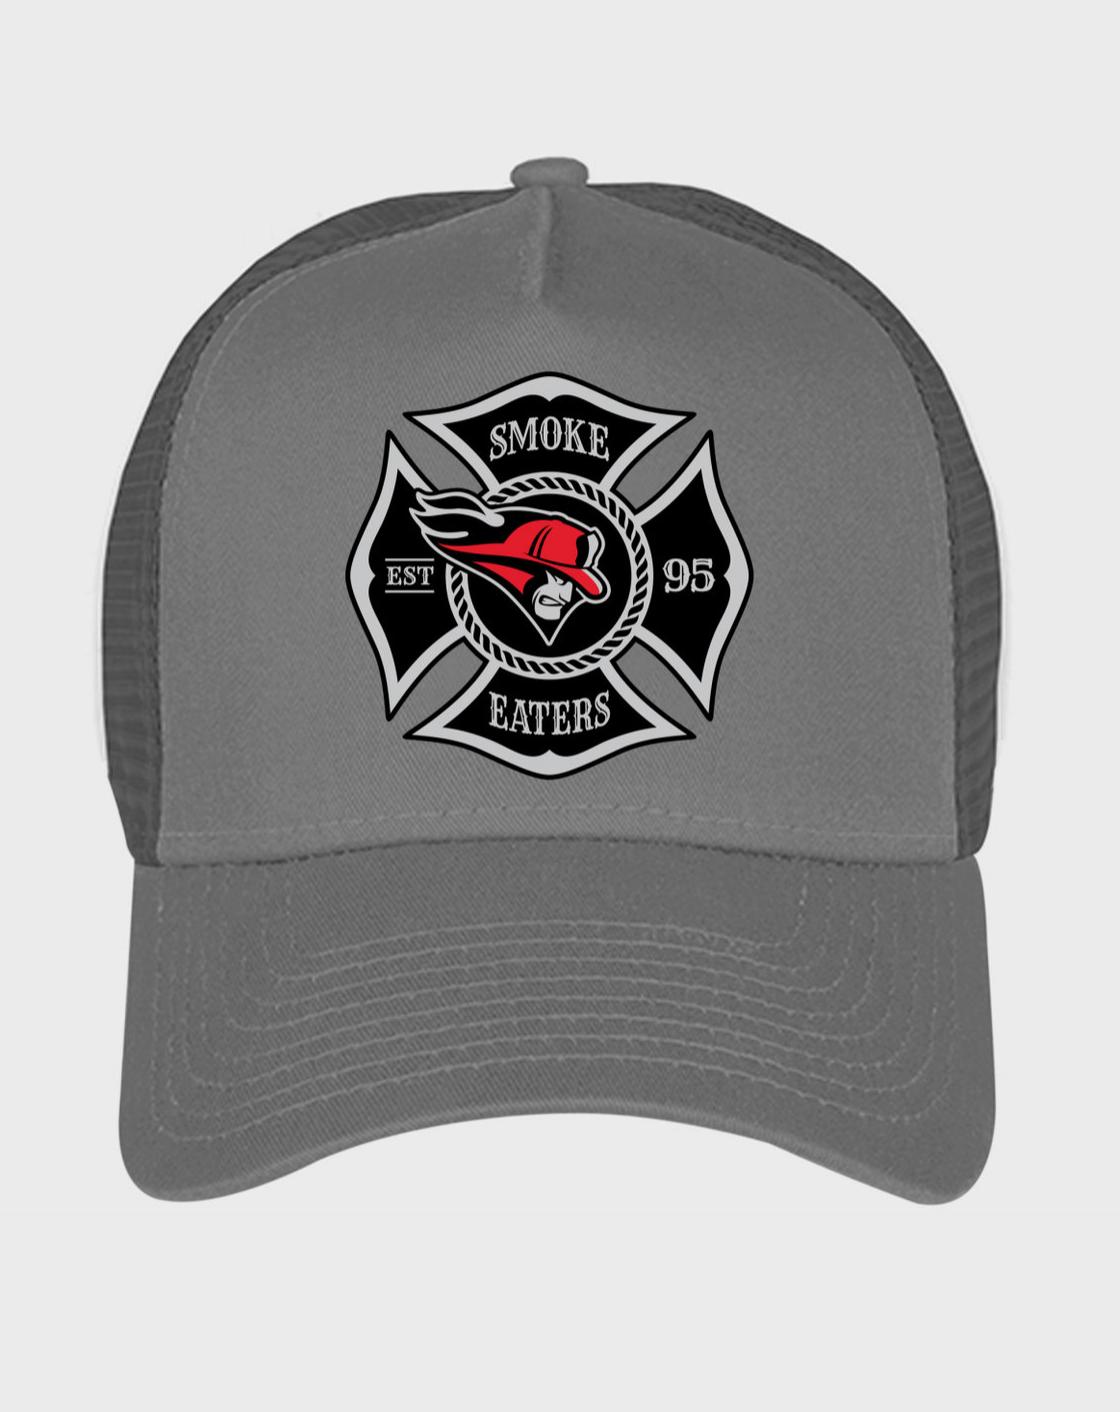 Smoke Eaters Trucker Hat.jpg